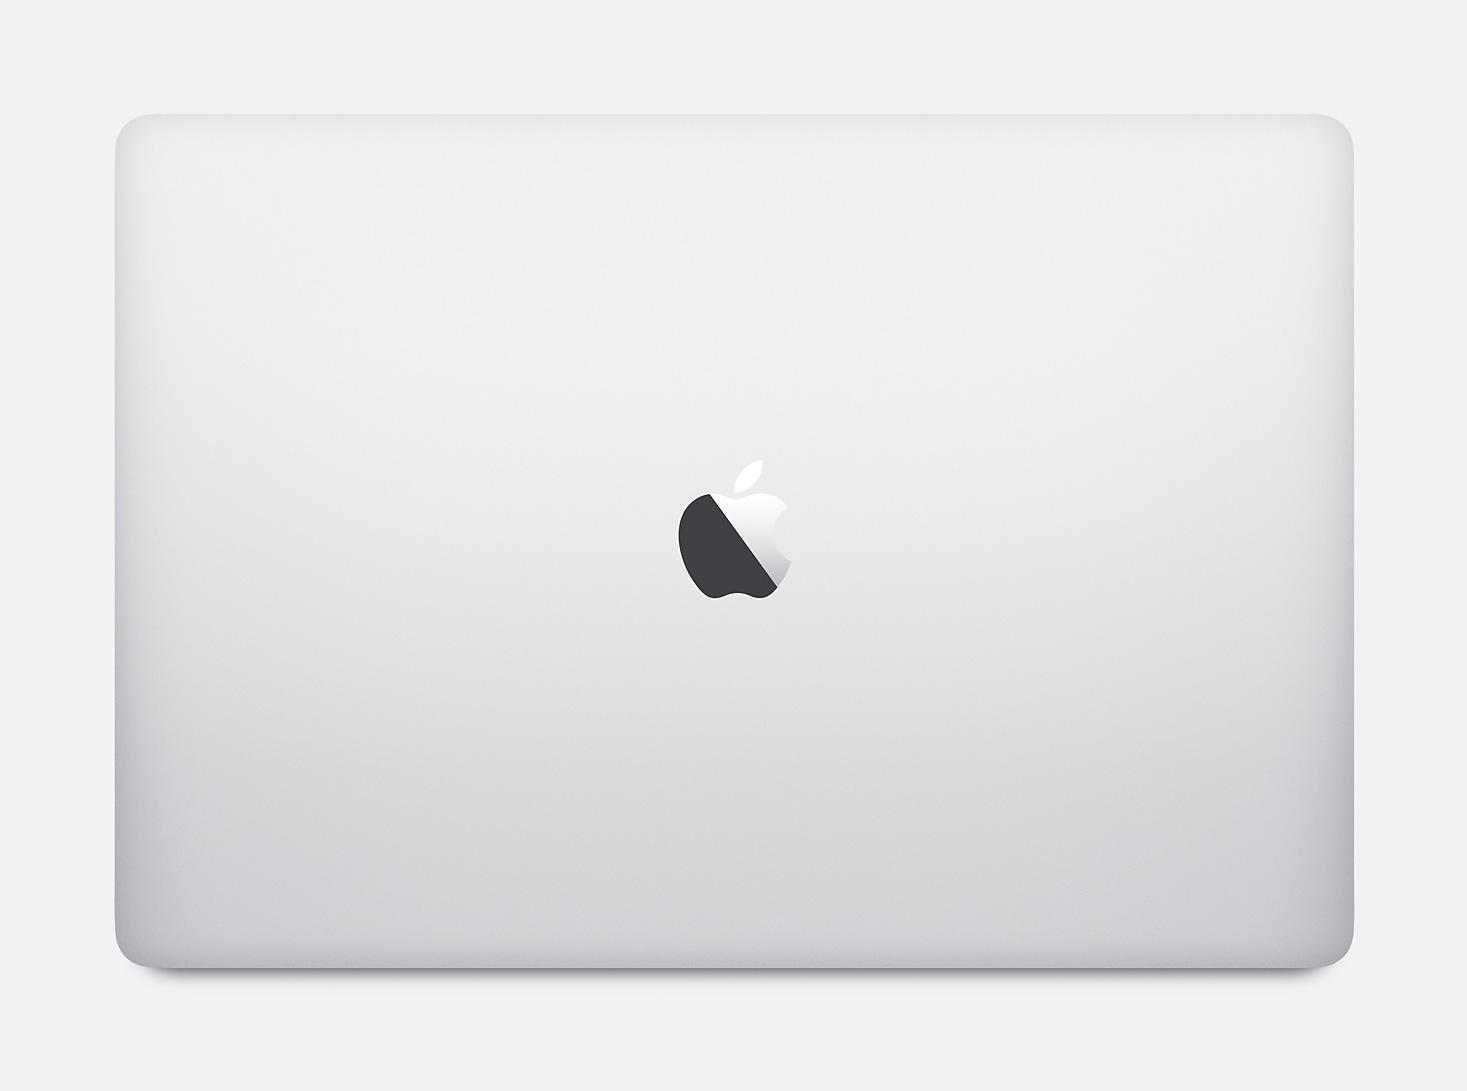 apple macbook pro 15 touch bar 2017 512 go argent achetez au meilleur prix. Black Bedroom Furniture Sets. Home Design Ideas